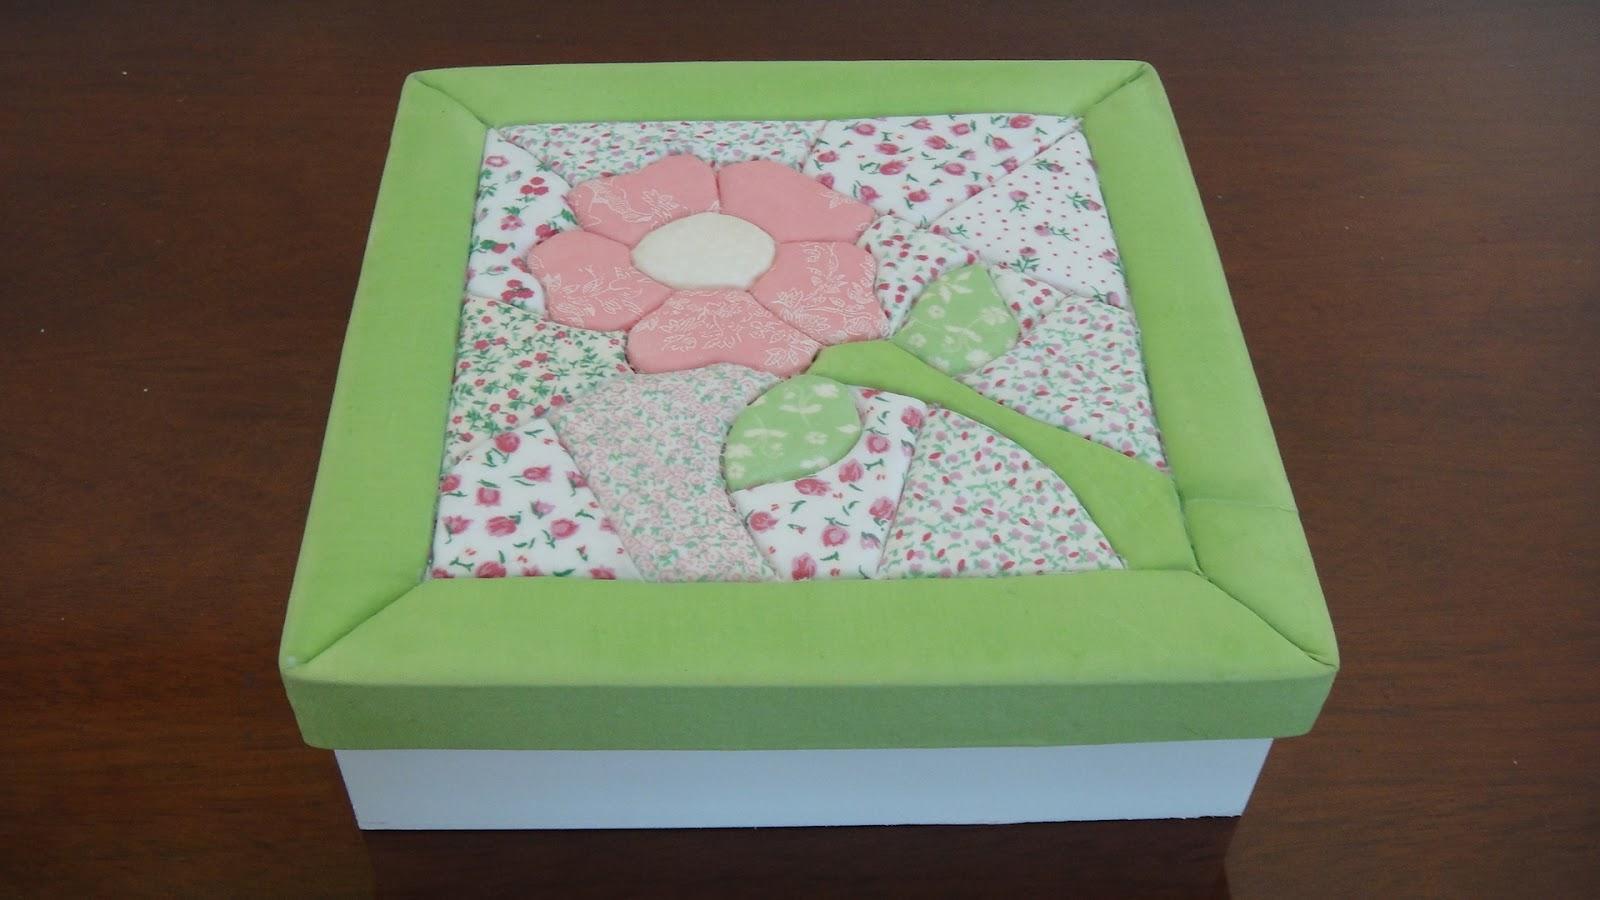 Adesivo De Guarda Roupa Infantil ~ Artesanatos Goi u00e2nia Mina das Artes Caixas para lembranças de casamento, aniversário, batiz